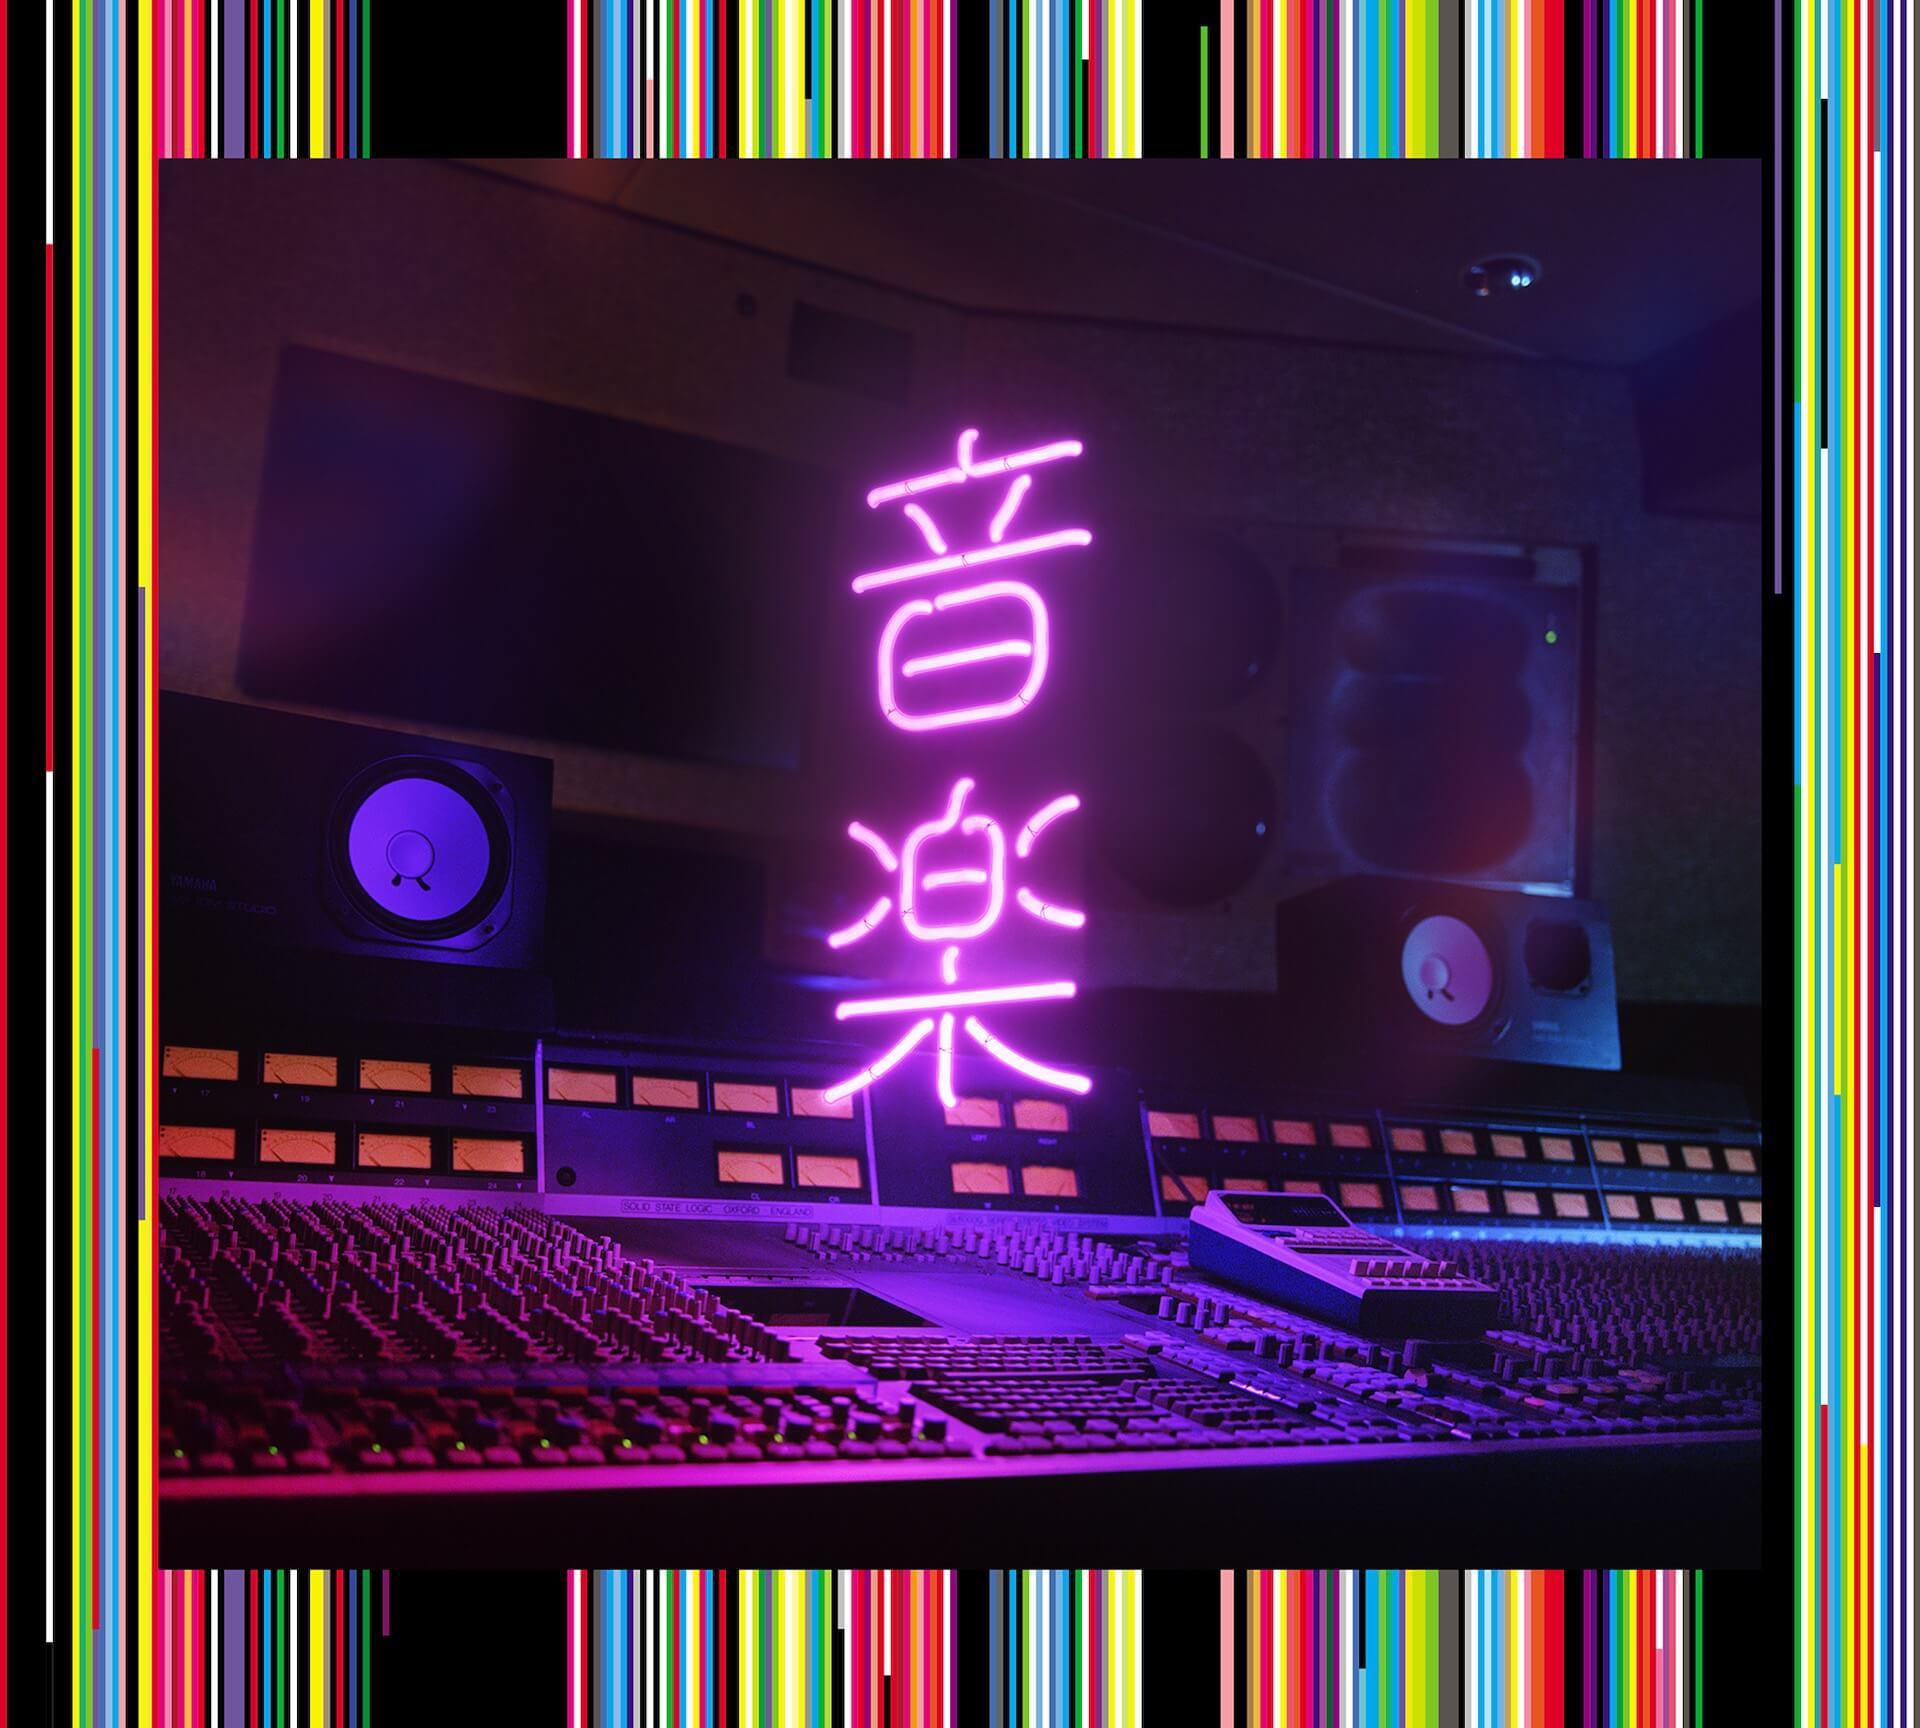 東京事変YouTubeチャンネル特別企画第3弾『東京事変の花金ナイト ぐも散歩』がプレミア公開! music210624_tokyozihen5